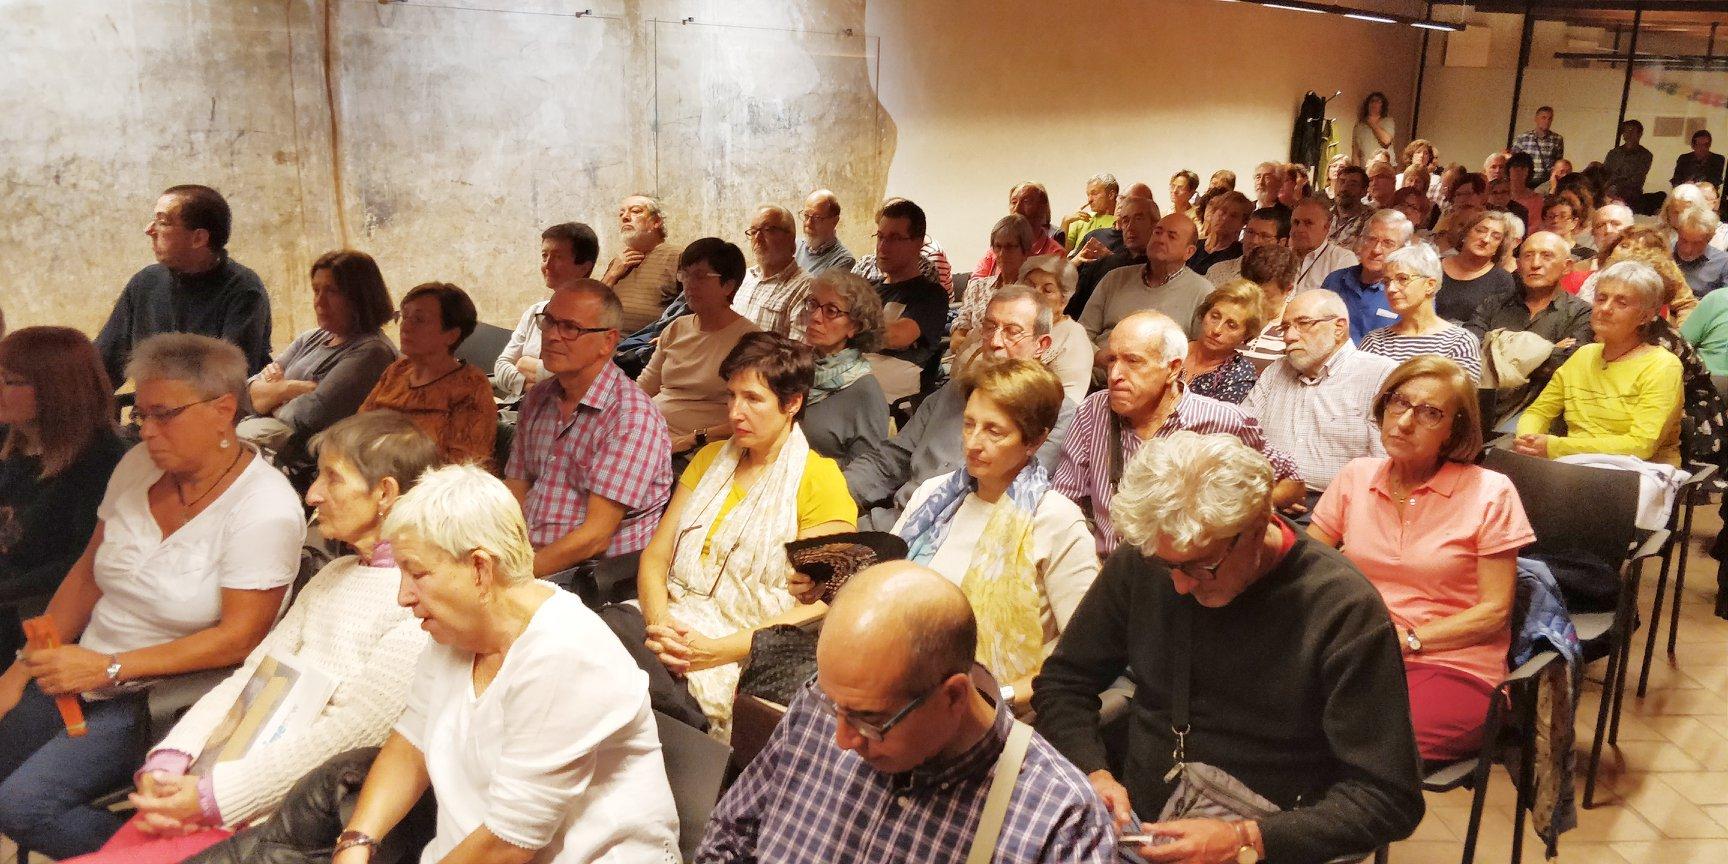 La sala del Condestable, llena escuchando las reflexiones sobre los ¿límites? de la libertad de expresión.